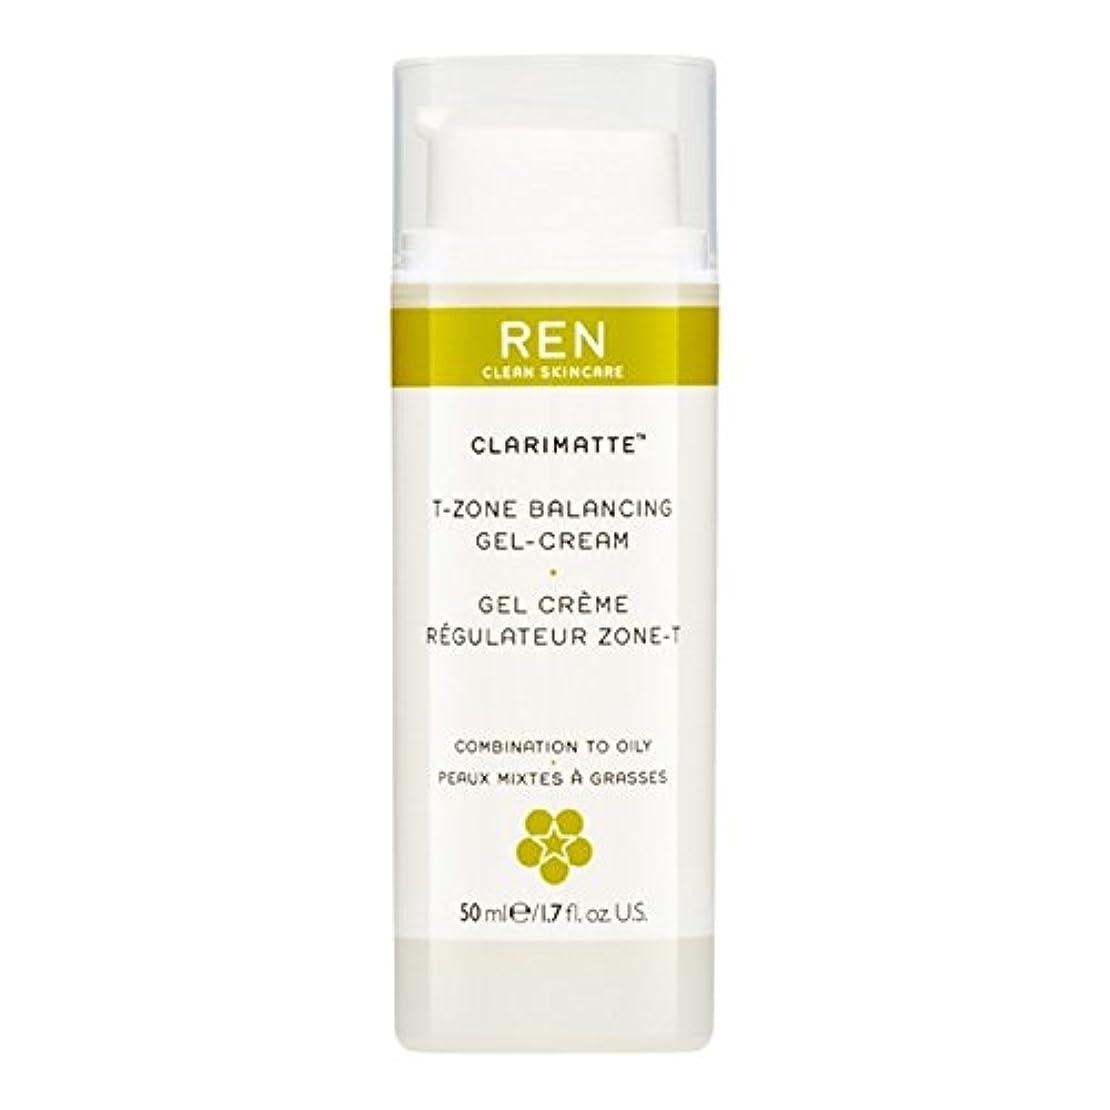 静かにめまいがランチRen Clarimatte Tゾーンバランシングジェルクリーム、50ミリリットル (REN) (x2) - REN Clarimatte T-Zone Balancing Gel Cream, 50ml (Pack of 2) [並行輸入品]